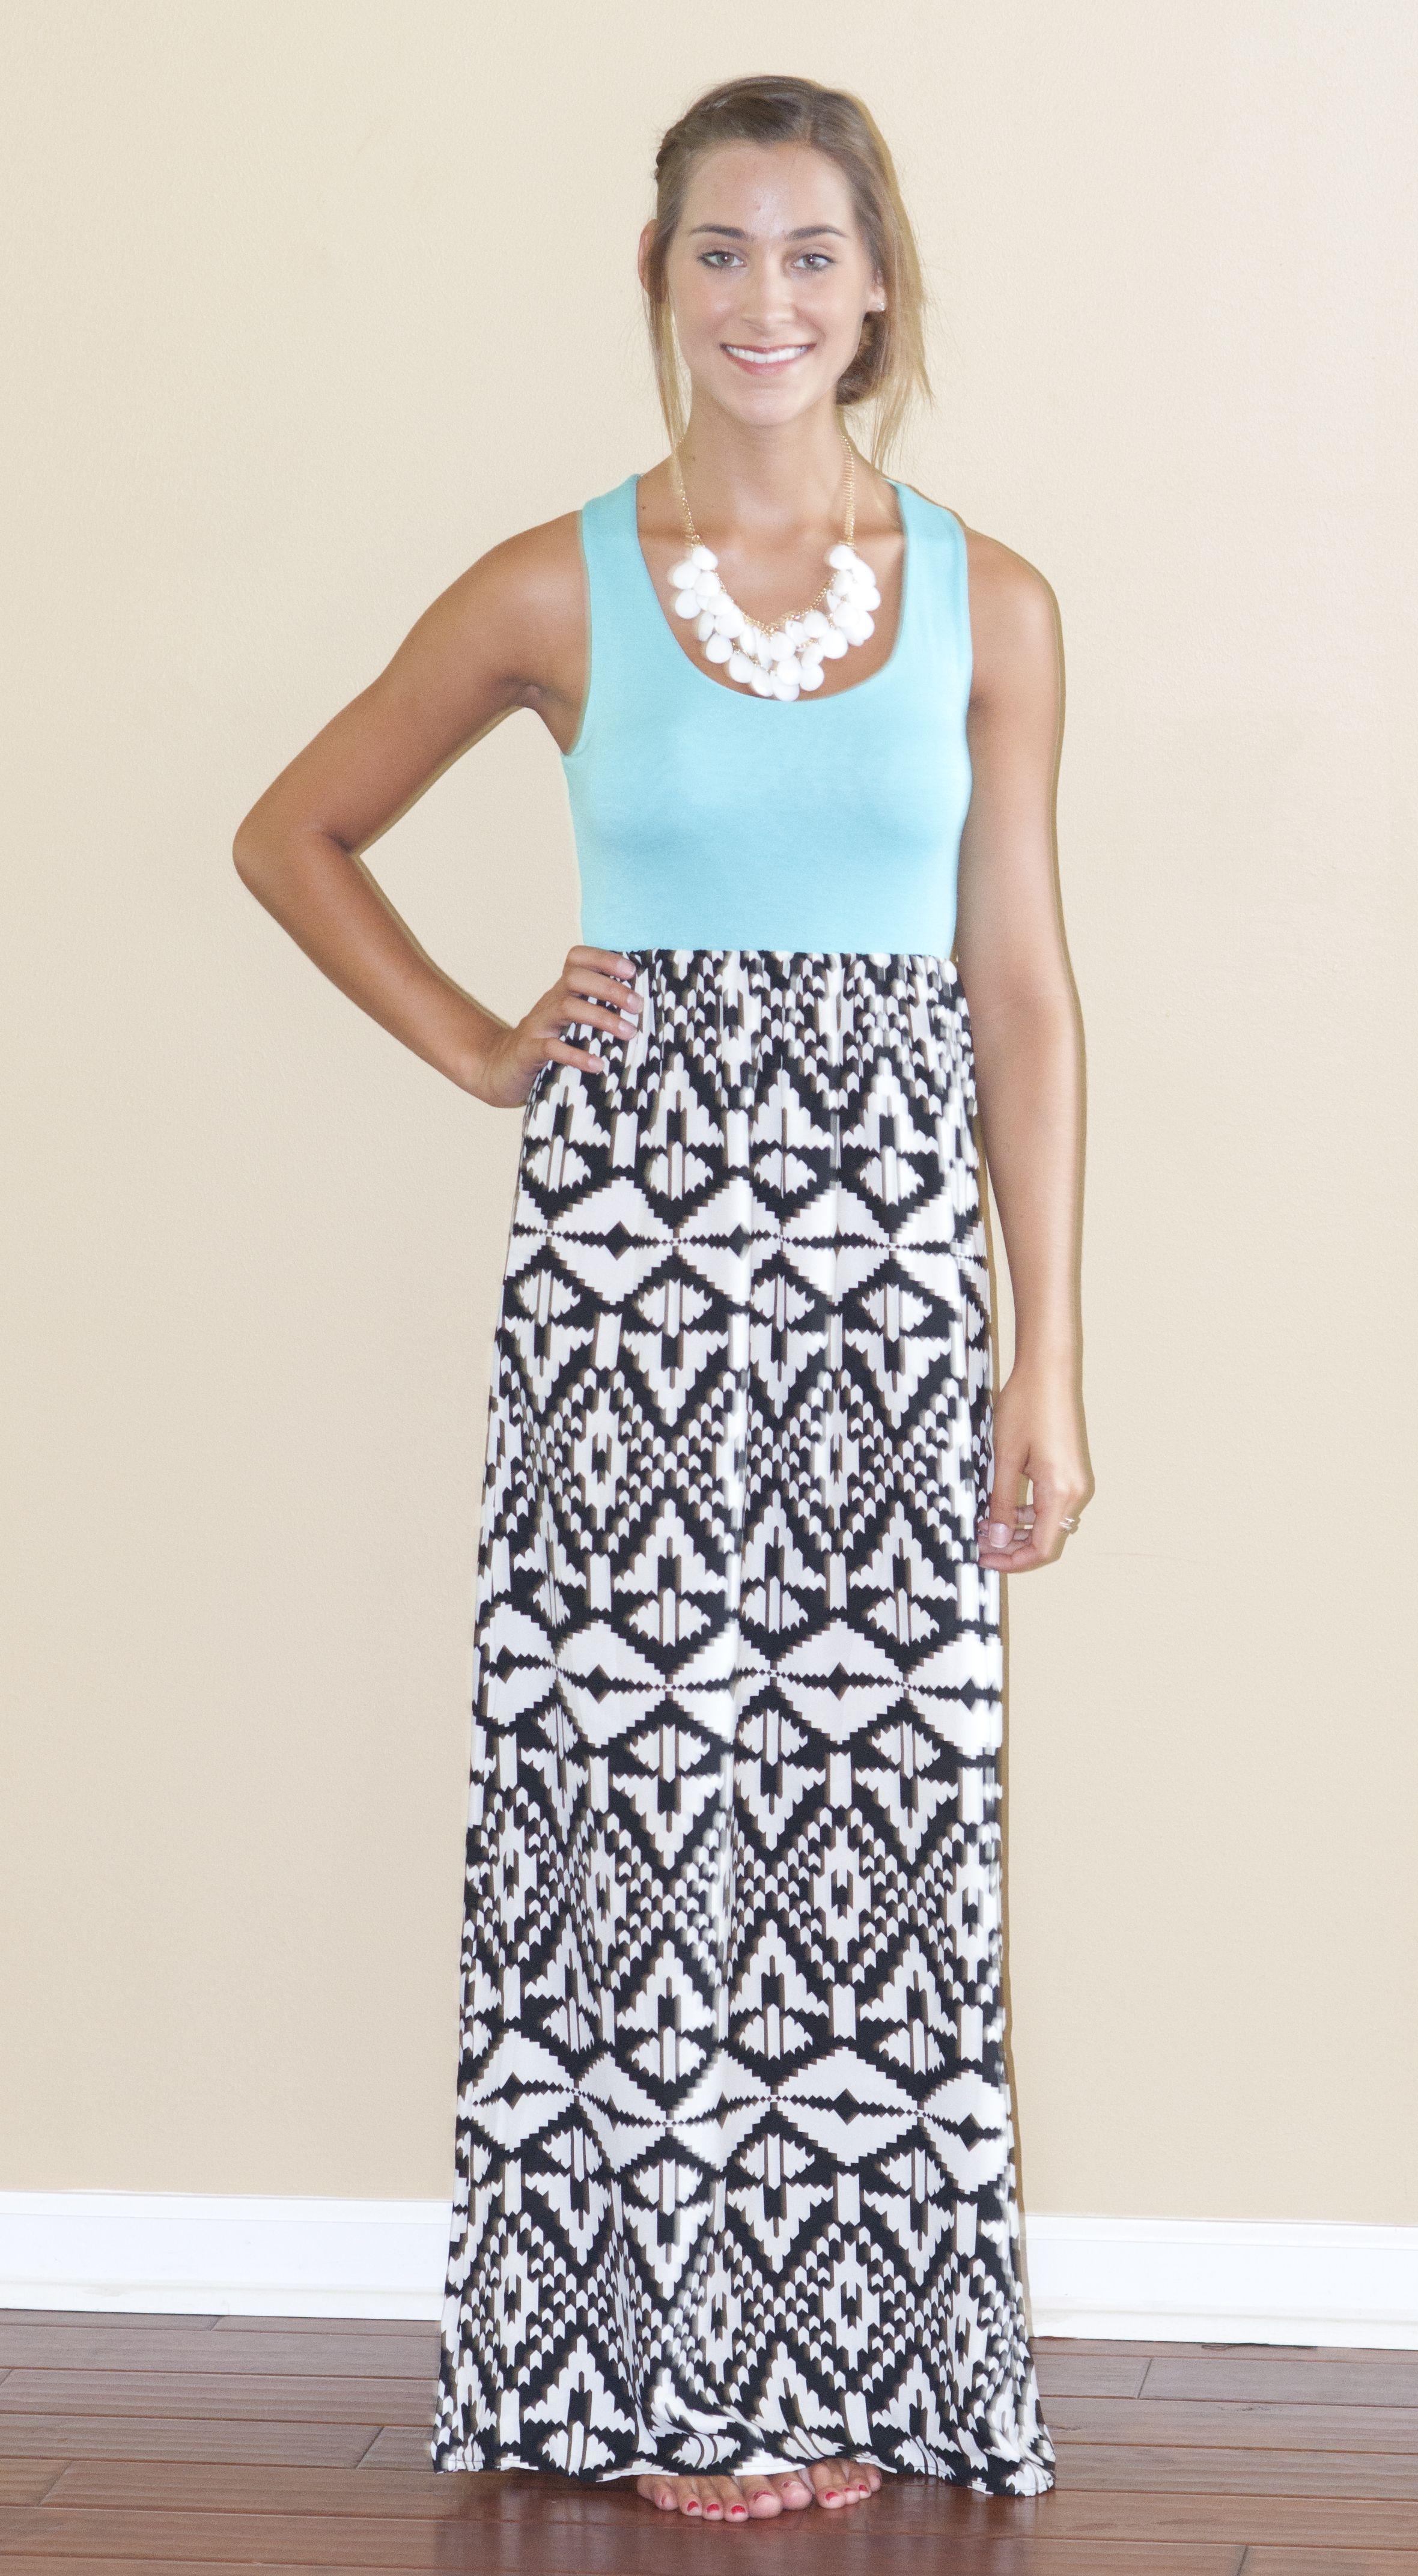 Aqua Aztec Tank Maxi Dress Lilyandlaceboutique Com Couture Outfits Weekend Dresses Maxi Tank Dress [ 4288 x 2360 Pixel ]